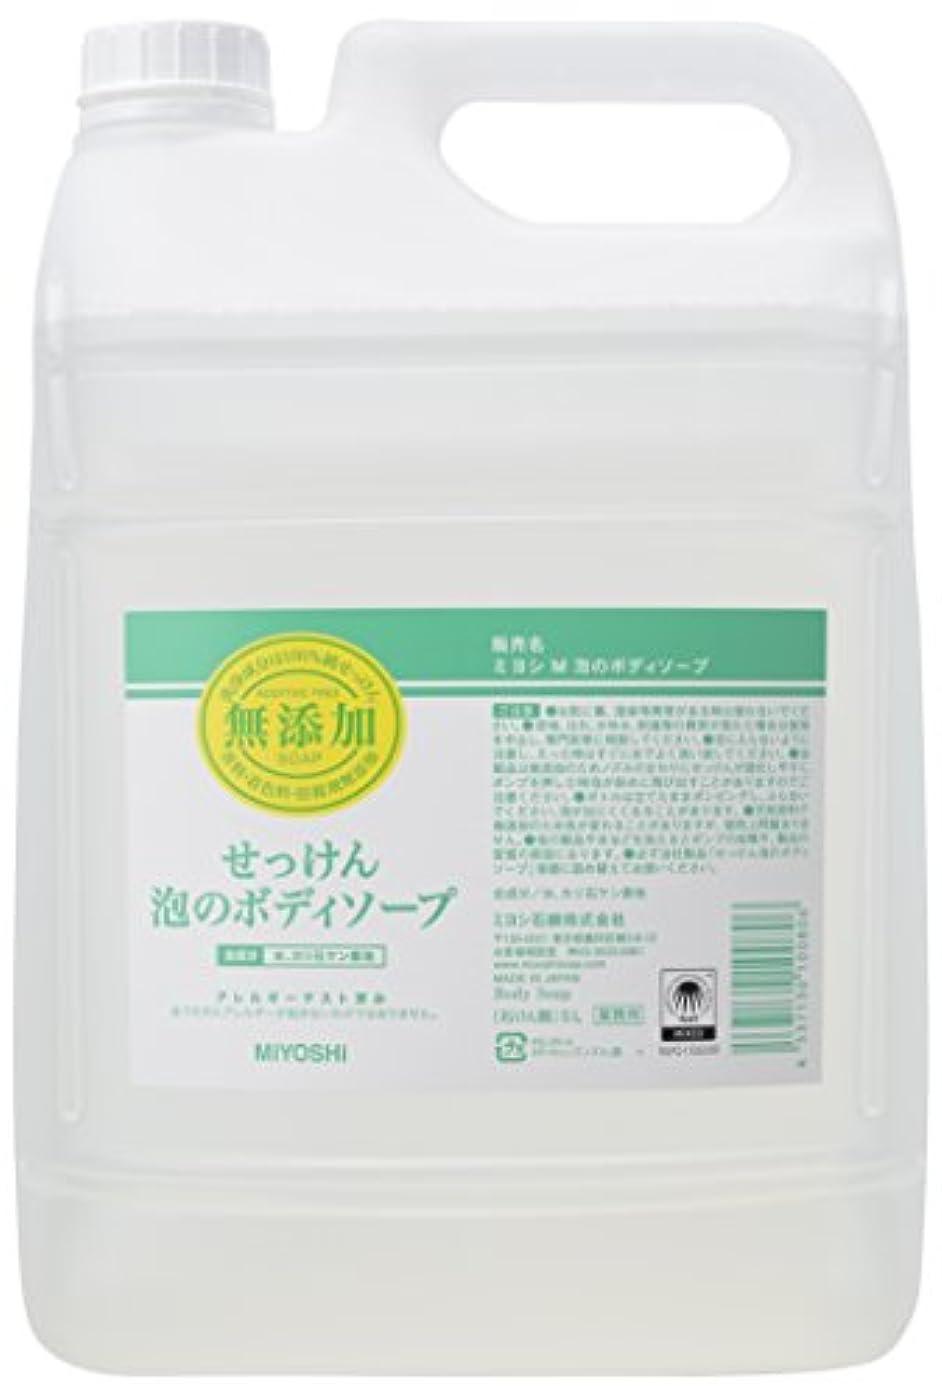 お勧め哲学入札ミヨシ石鹸 無添加せっけん 泡のボディソープ 詰替え用 5L